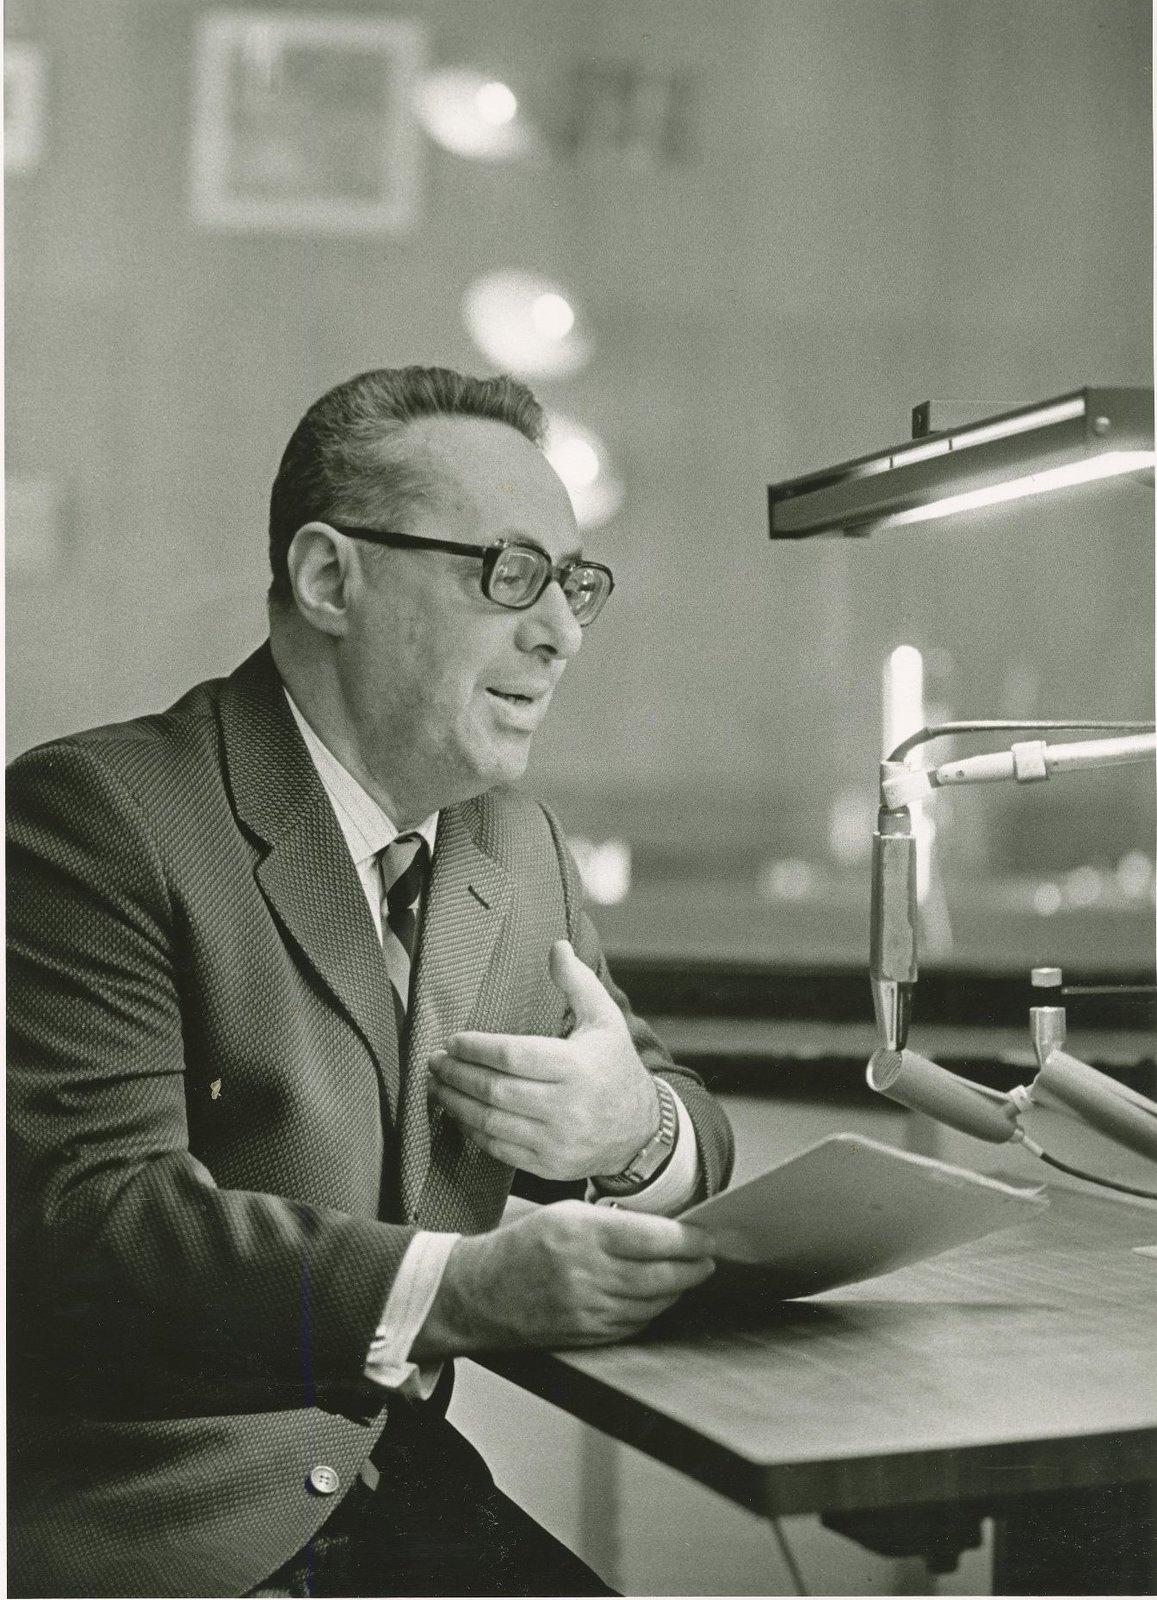 1975. Диктор Всесоюзного радио Юрий Левитан в студии, март